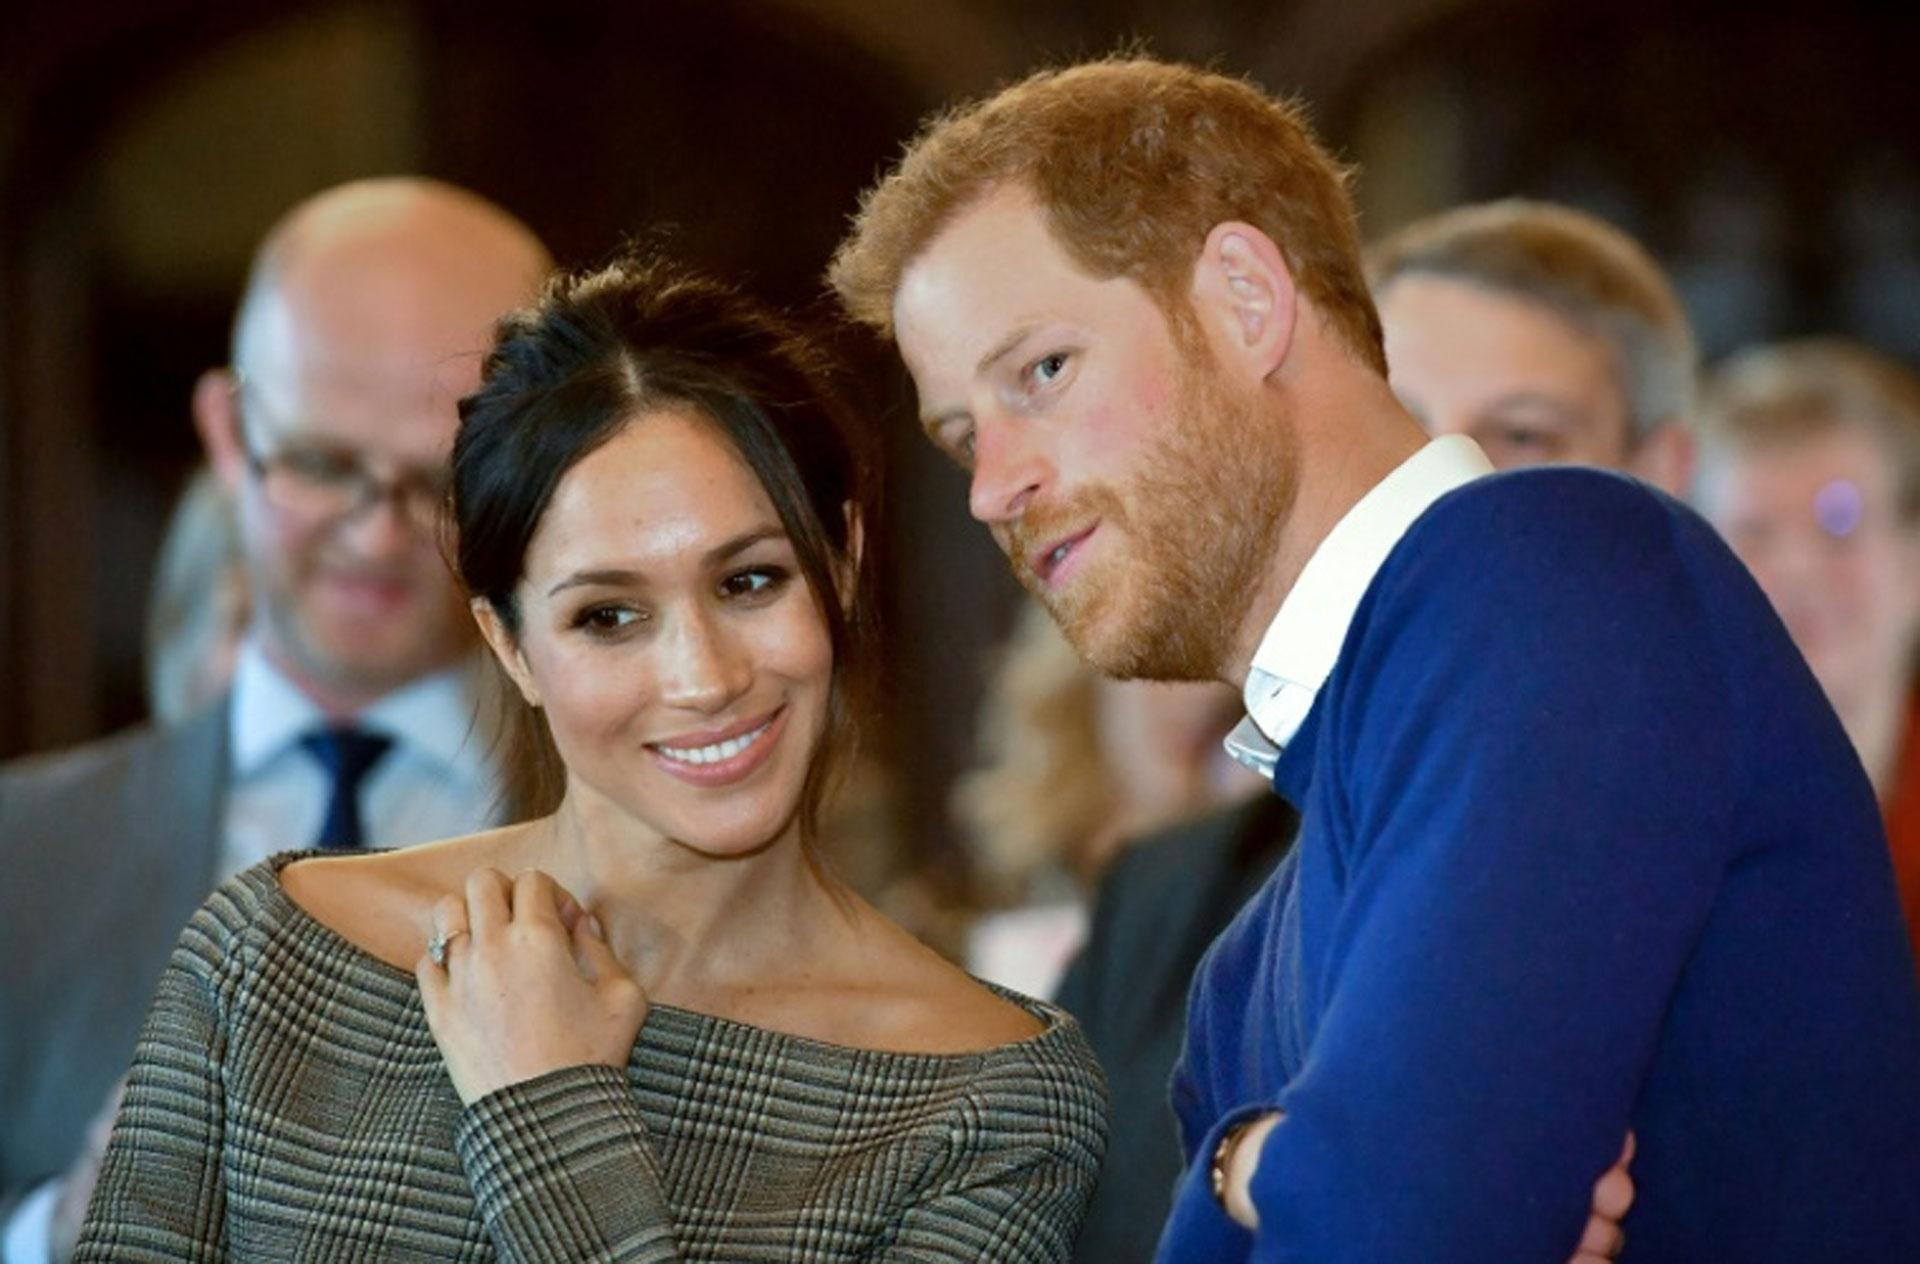 Meghan Markle con su prometido, el príncipe Harry, durante una visita a Cardiff, en Gales, el 18 de enero de 2018 (POOL/AFP – Ben Birchall)